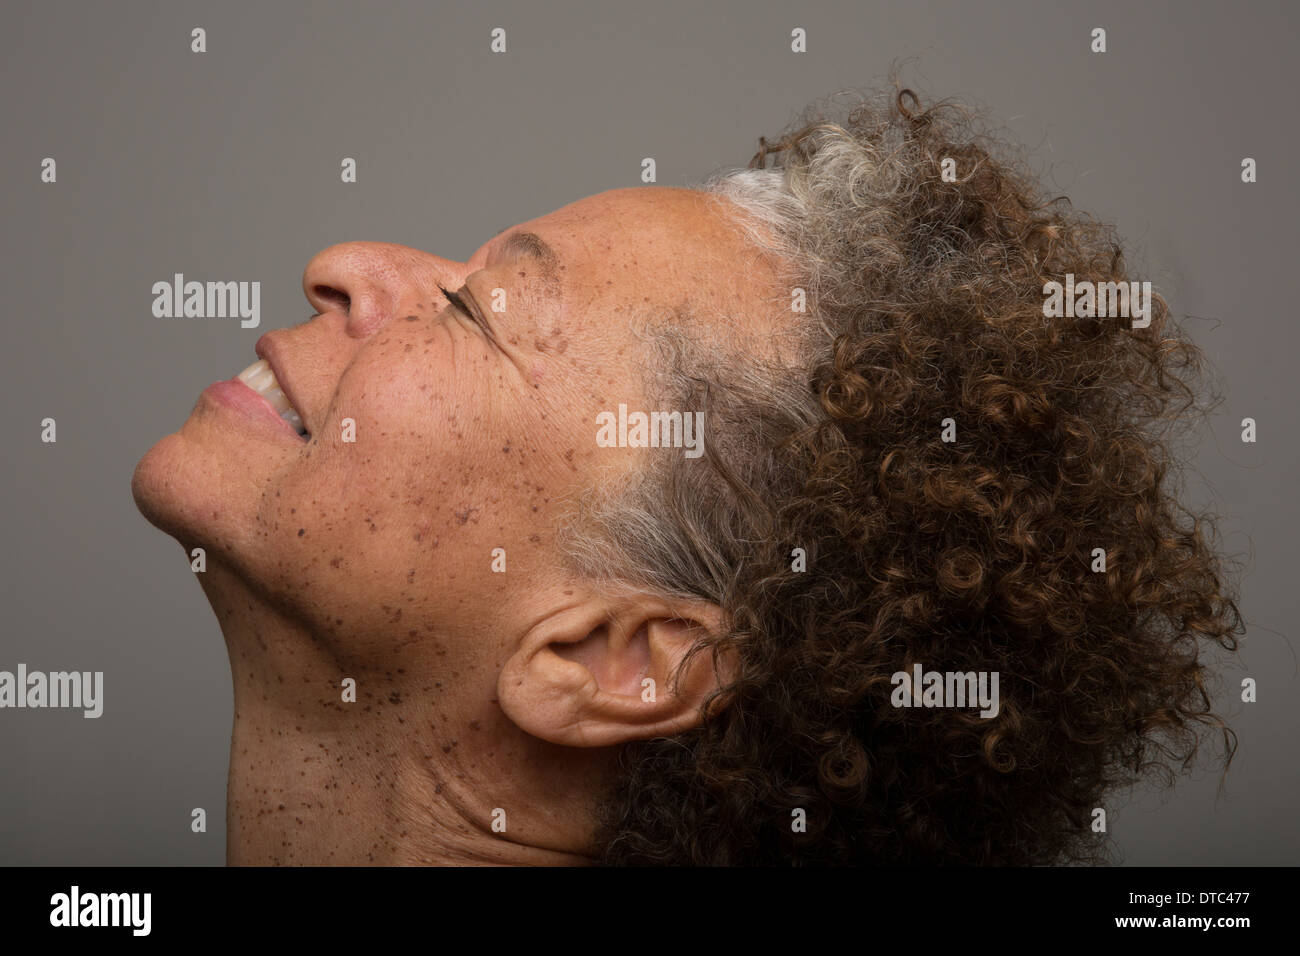 Cerrar studio retrato de mujer mayor con la cabeza hacia atrás y los ojos cerrados Imagen De Stock